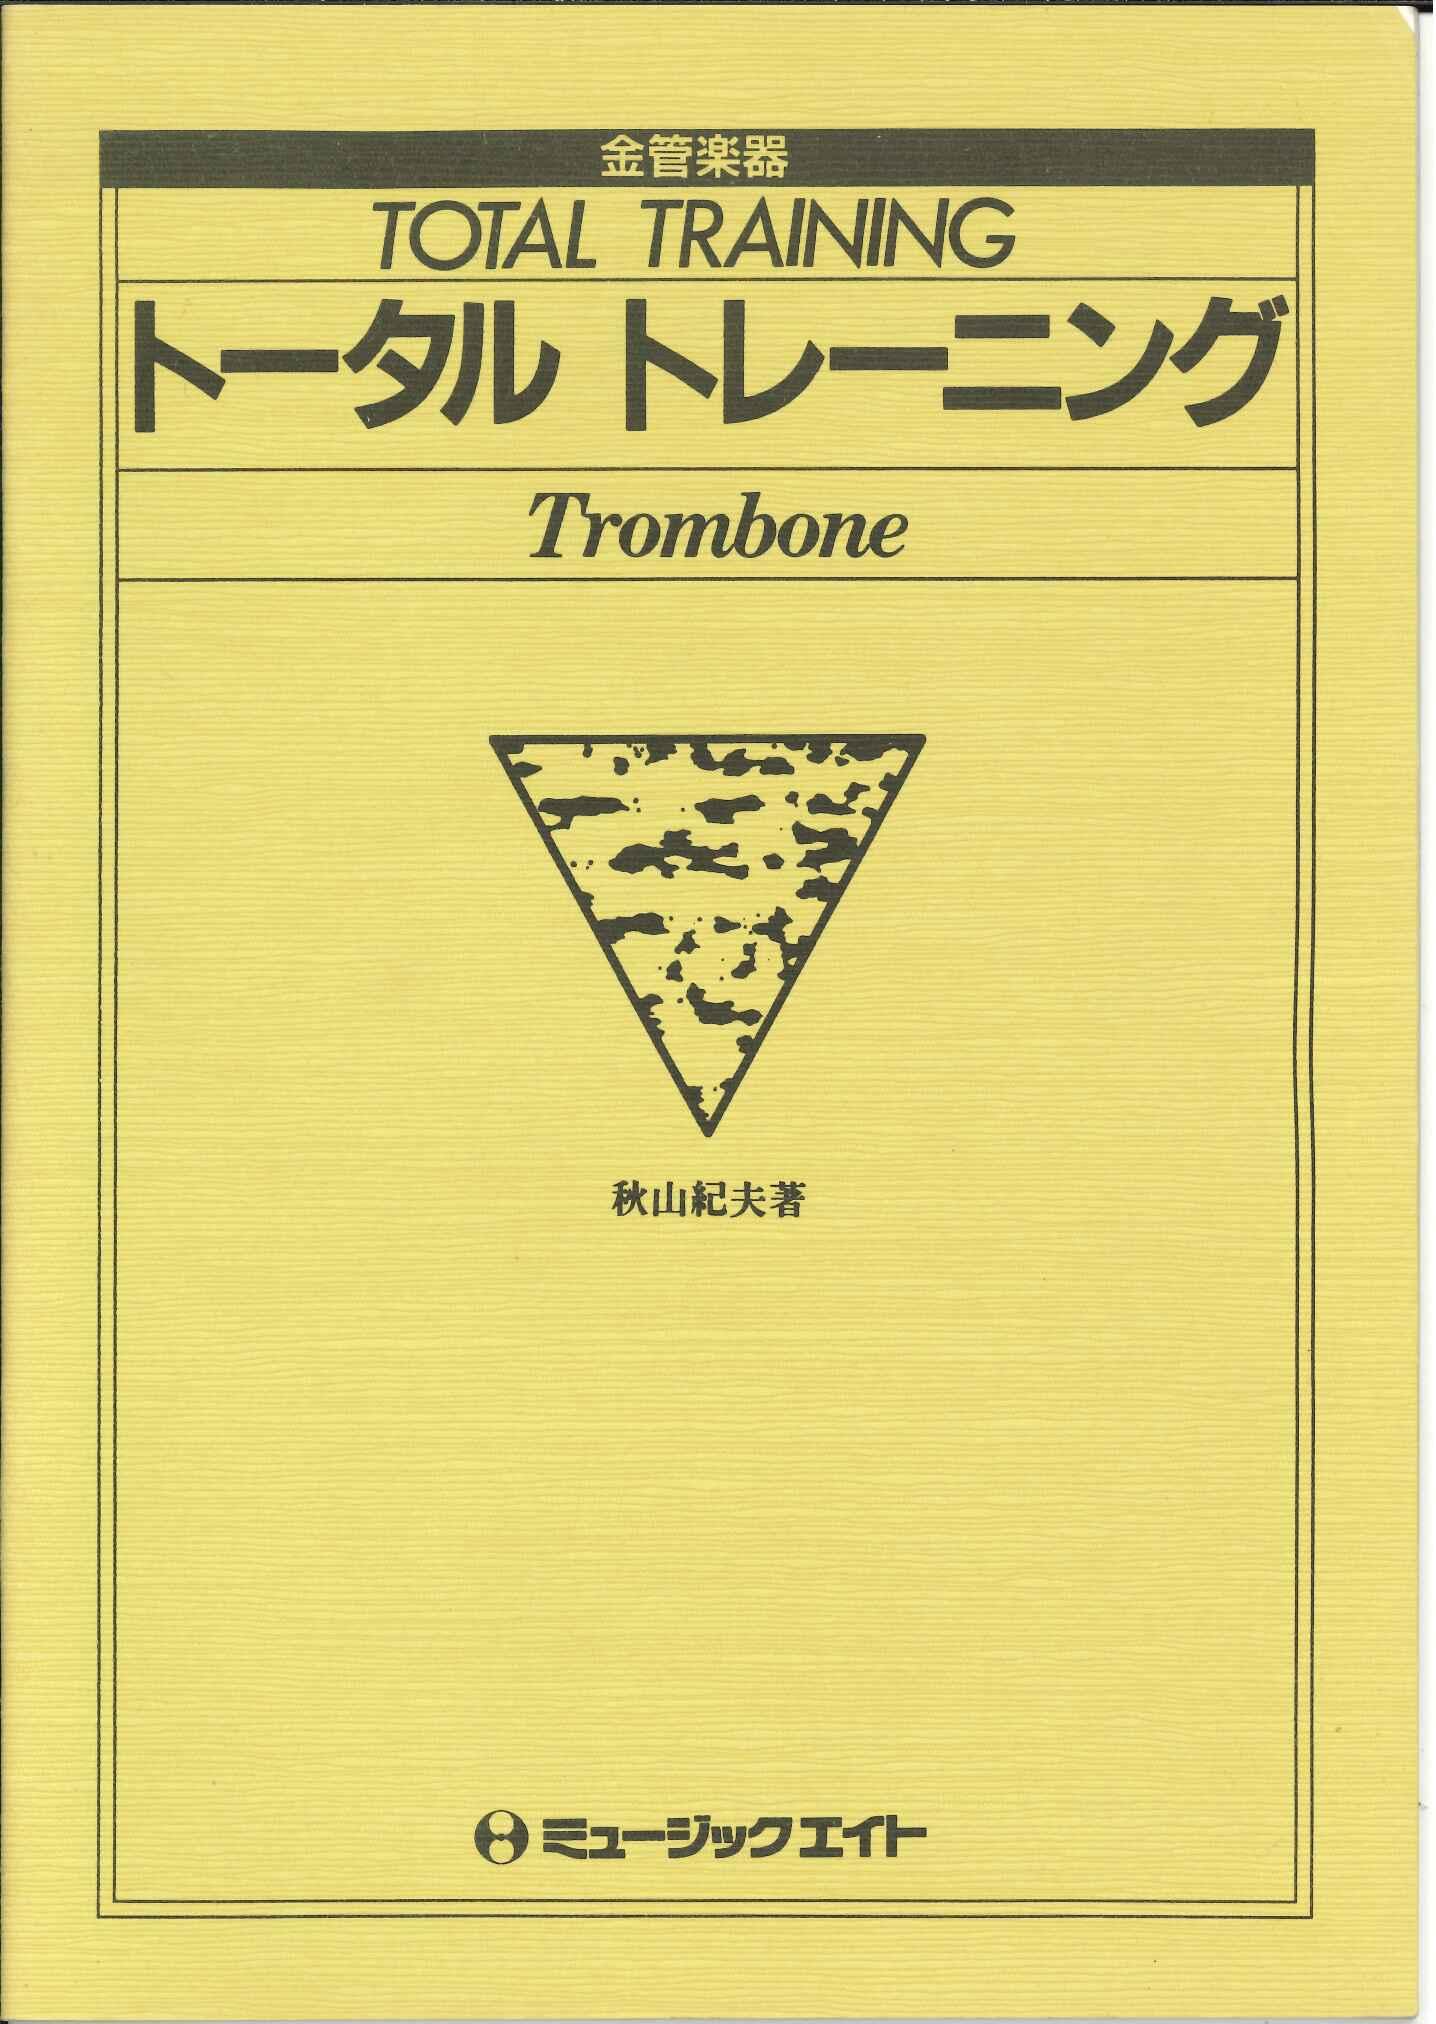 トータルトレーニング トロンボーン用